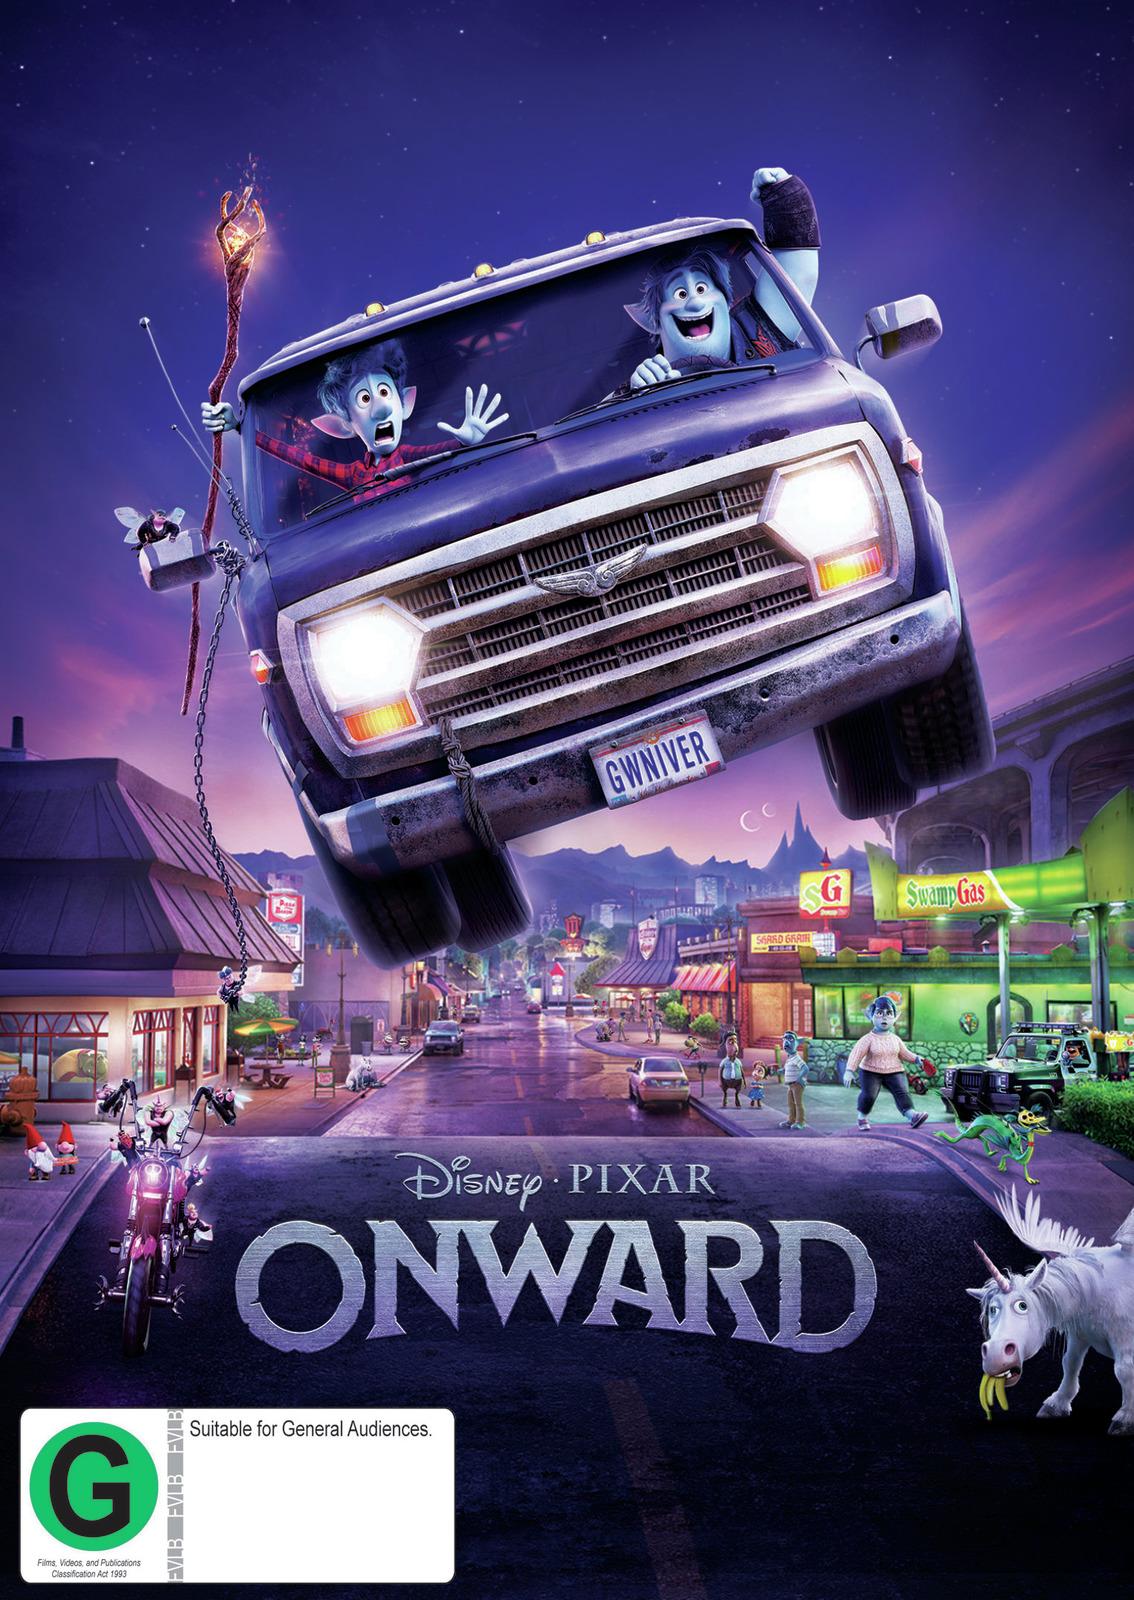 Onward on DVD image